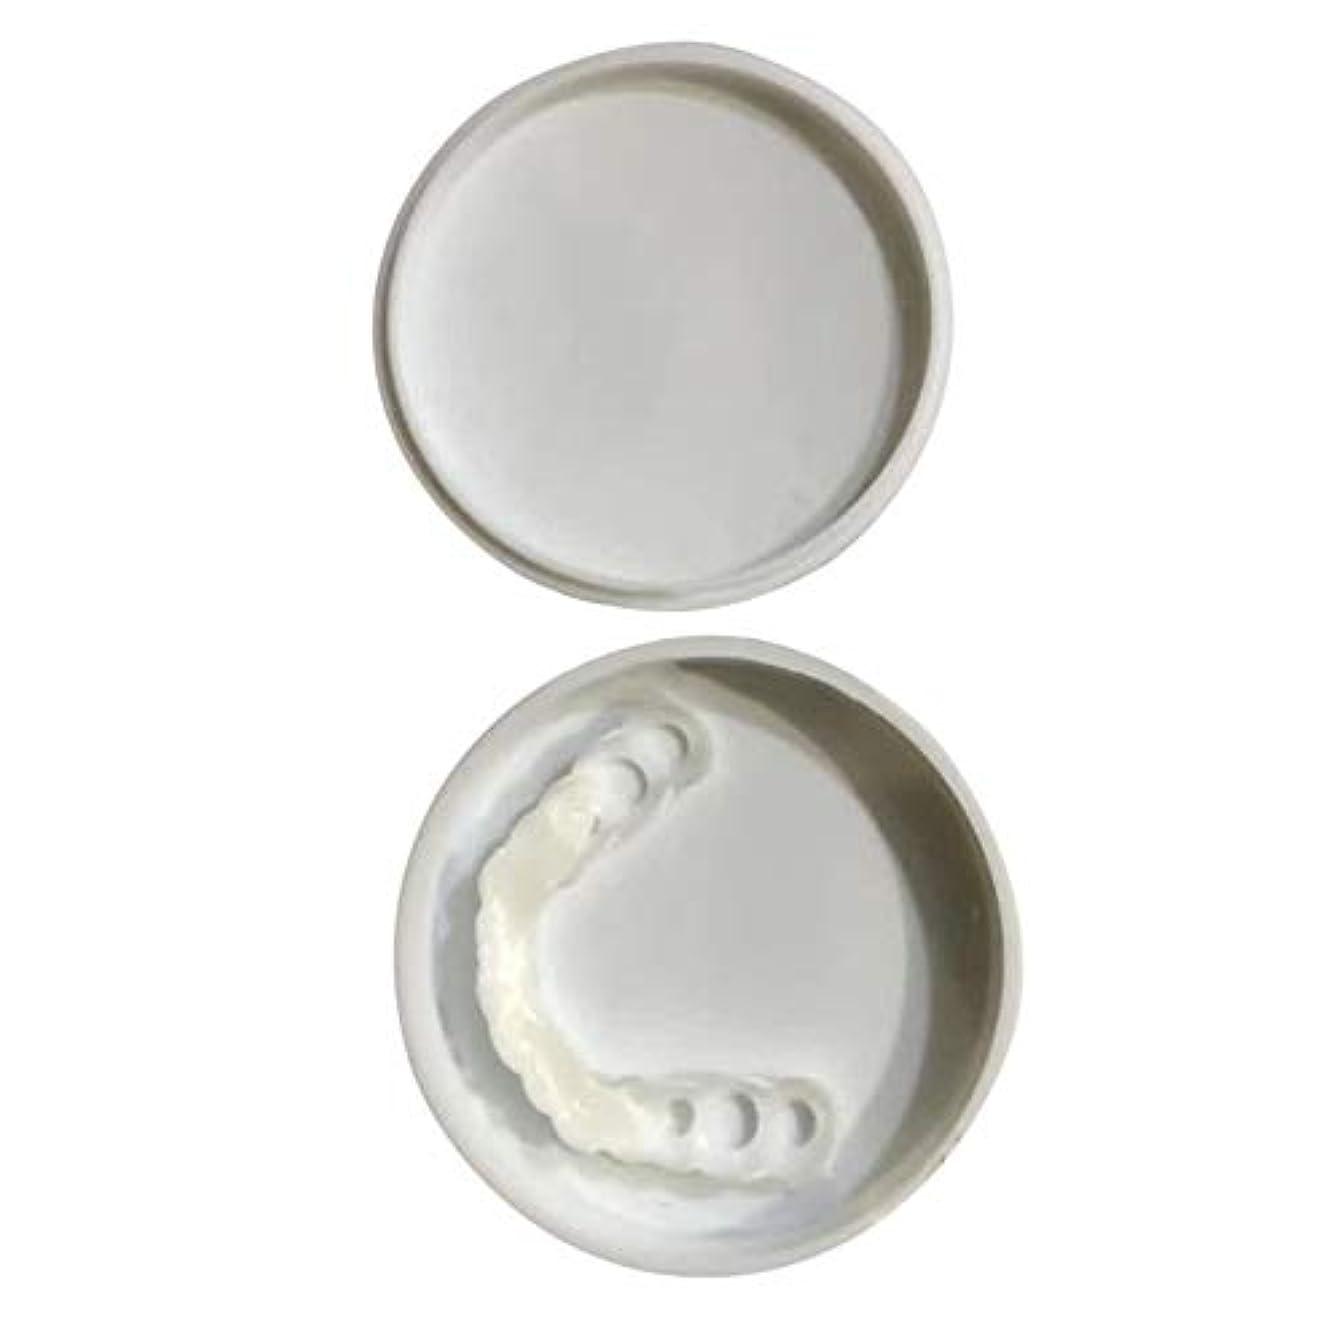 北短命時制快適なスナップオン男性女性歯インスタントパーフェクトスマイルコンフォートフィットフレックス歯フィットホワイトニング笑顔偽歯カバー - ホワイト